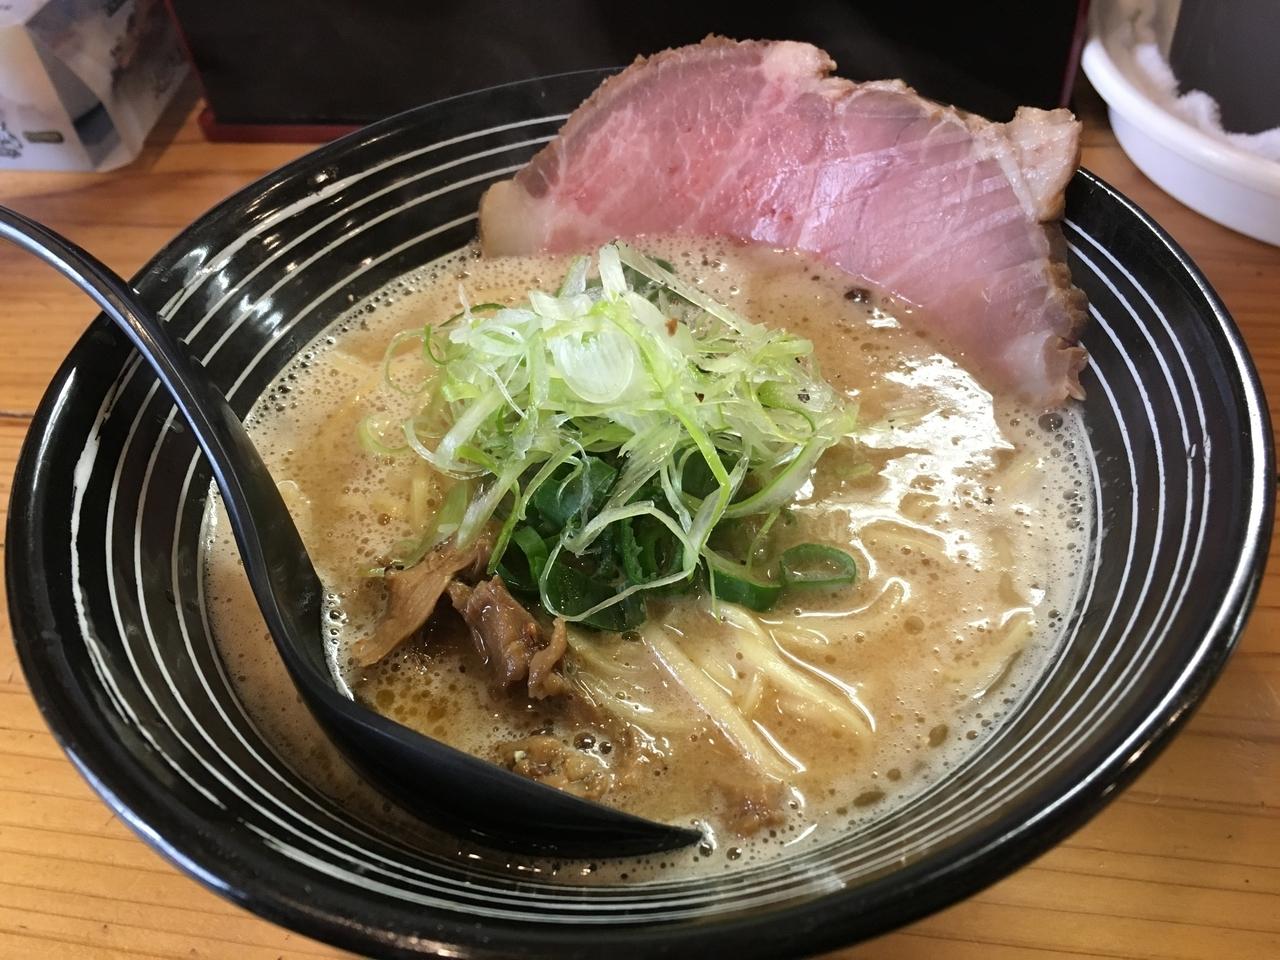 しゃぶしゃぶしながら食べるラーメン!?吹田市内にある知っておくべきラーメン店5選